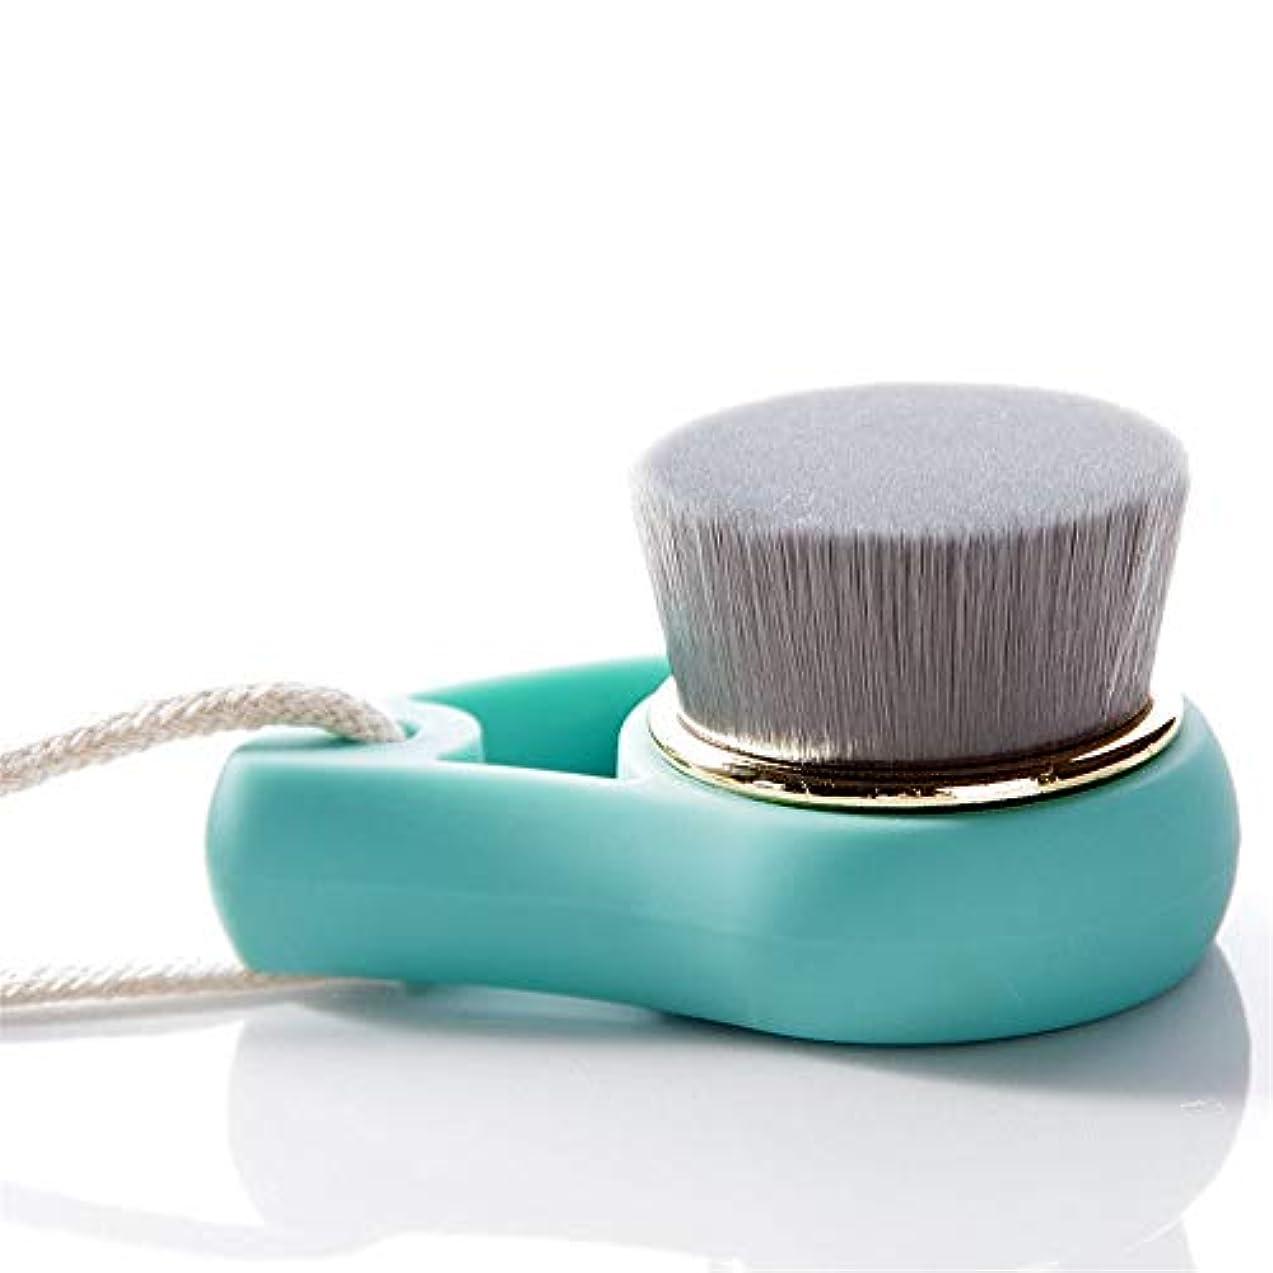 湾何よりも劇作家洗顔ブラシ ソフト剛毛フェイスクリーニング美容ブラシ女性のクレンジングブラシ ディープクレンジングスキンケア用